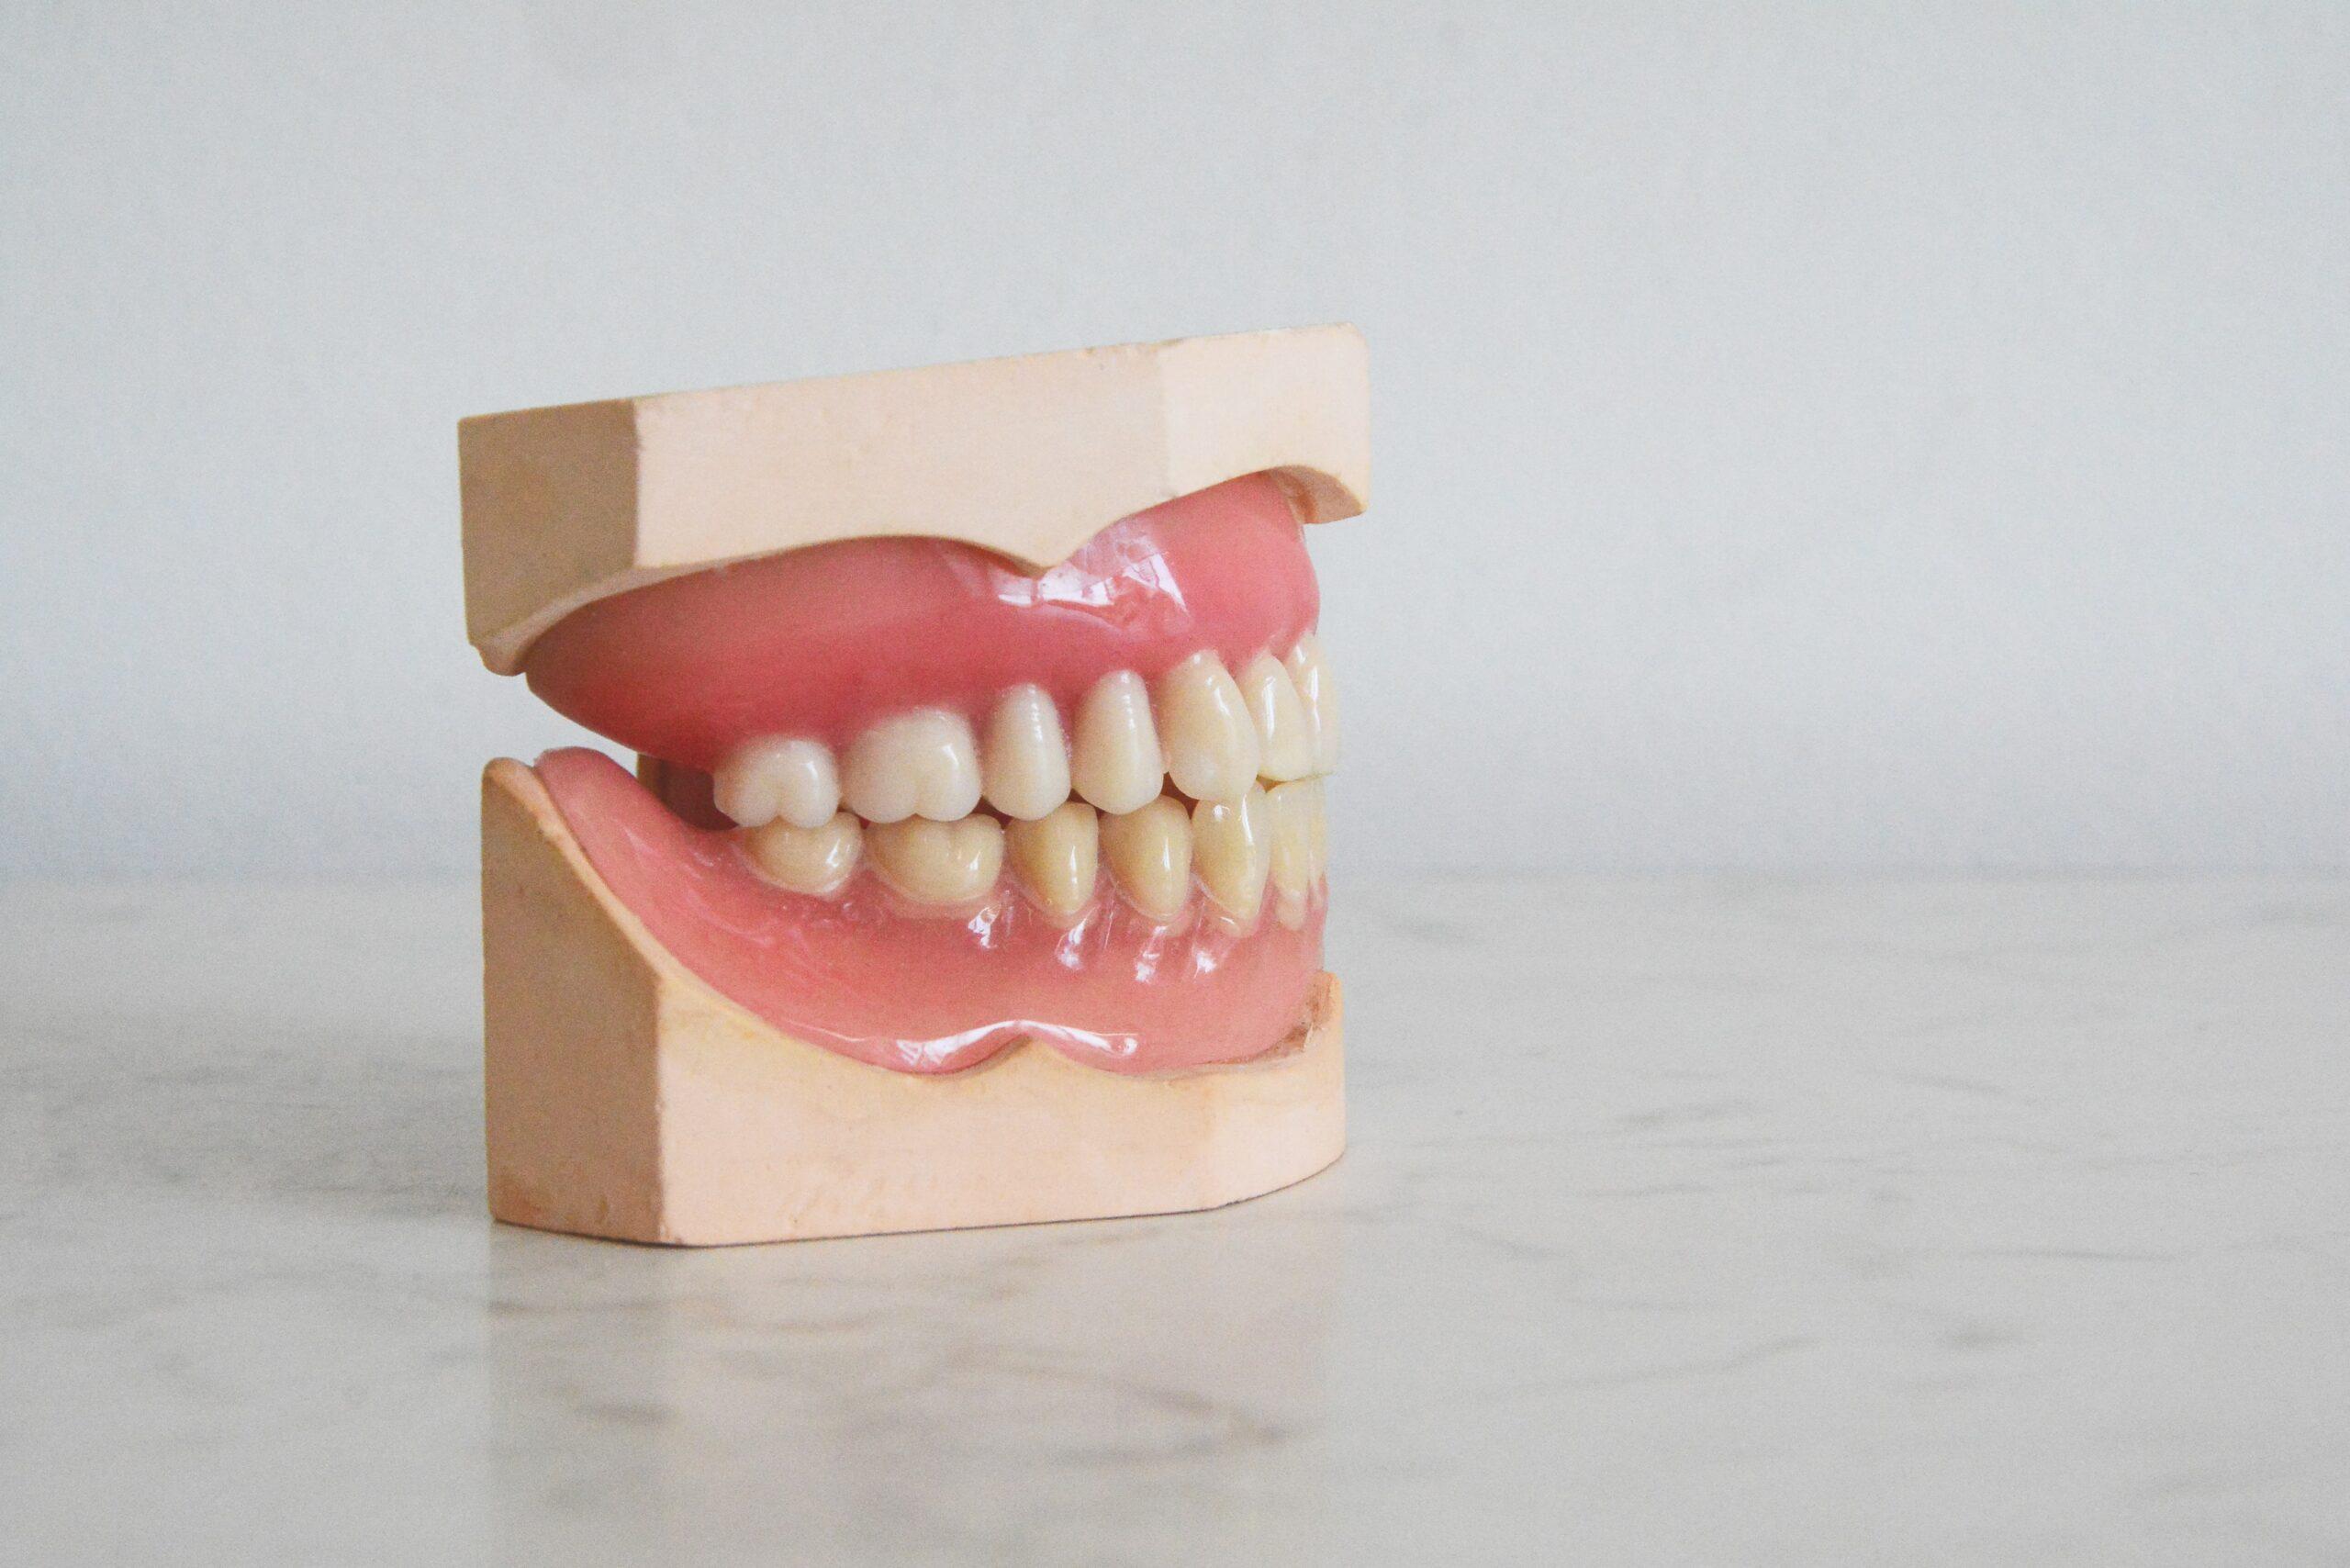 ดัดฟันแบบไม่ถอน